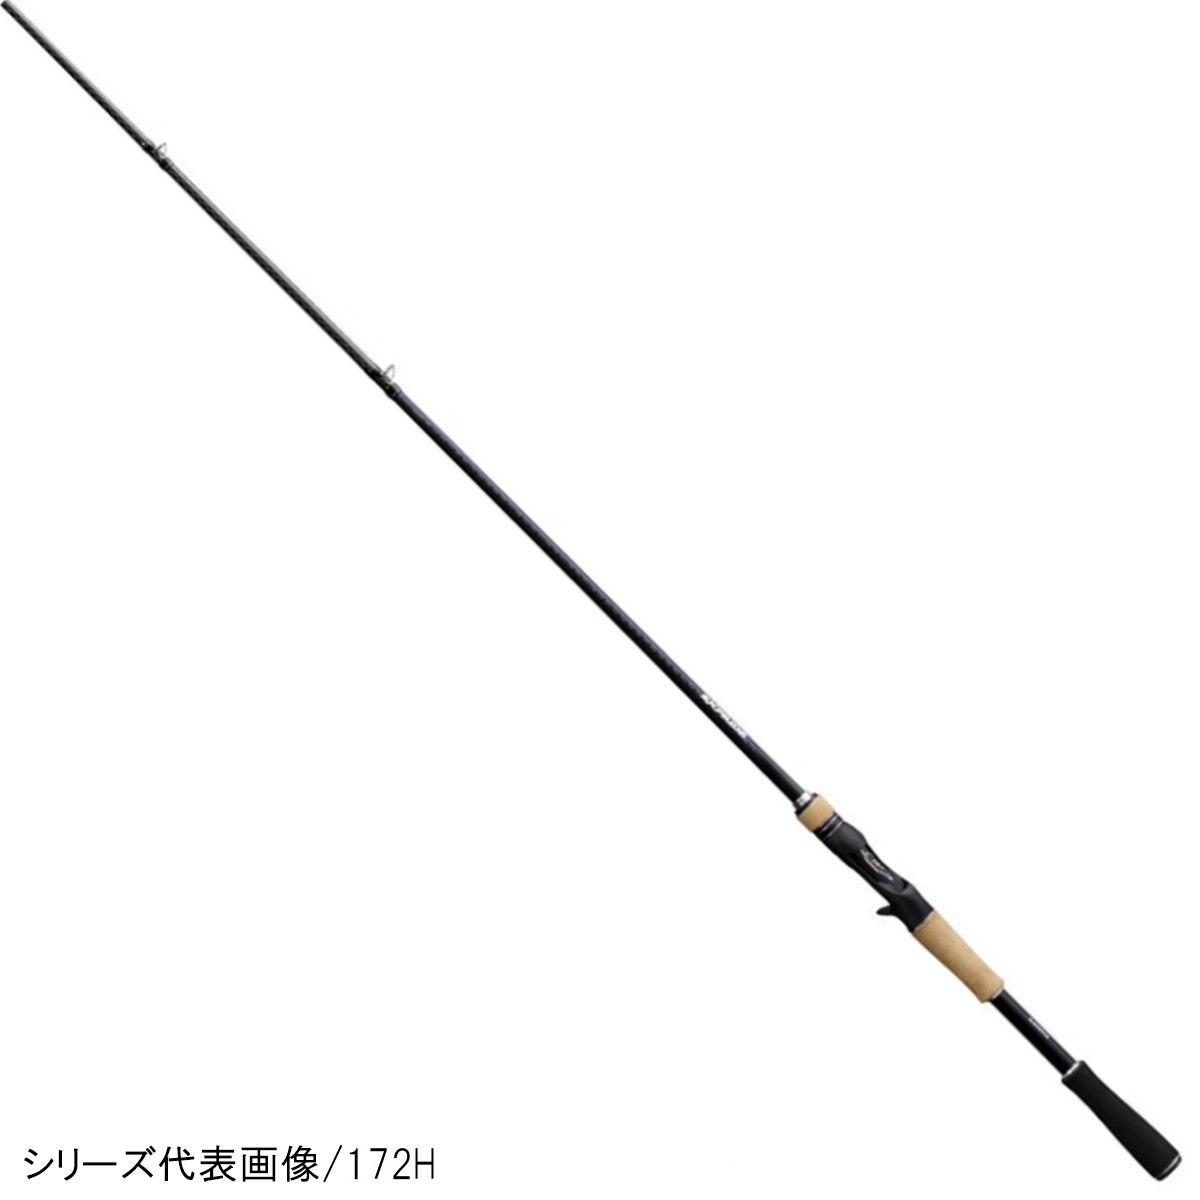 シマノ エクスプライド 166M-2【送料無料】